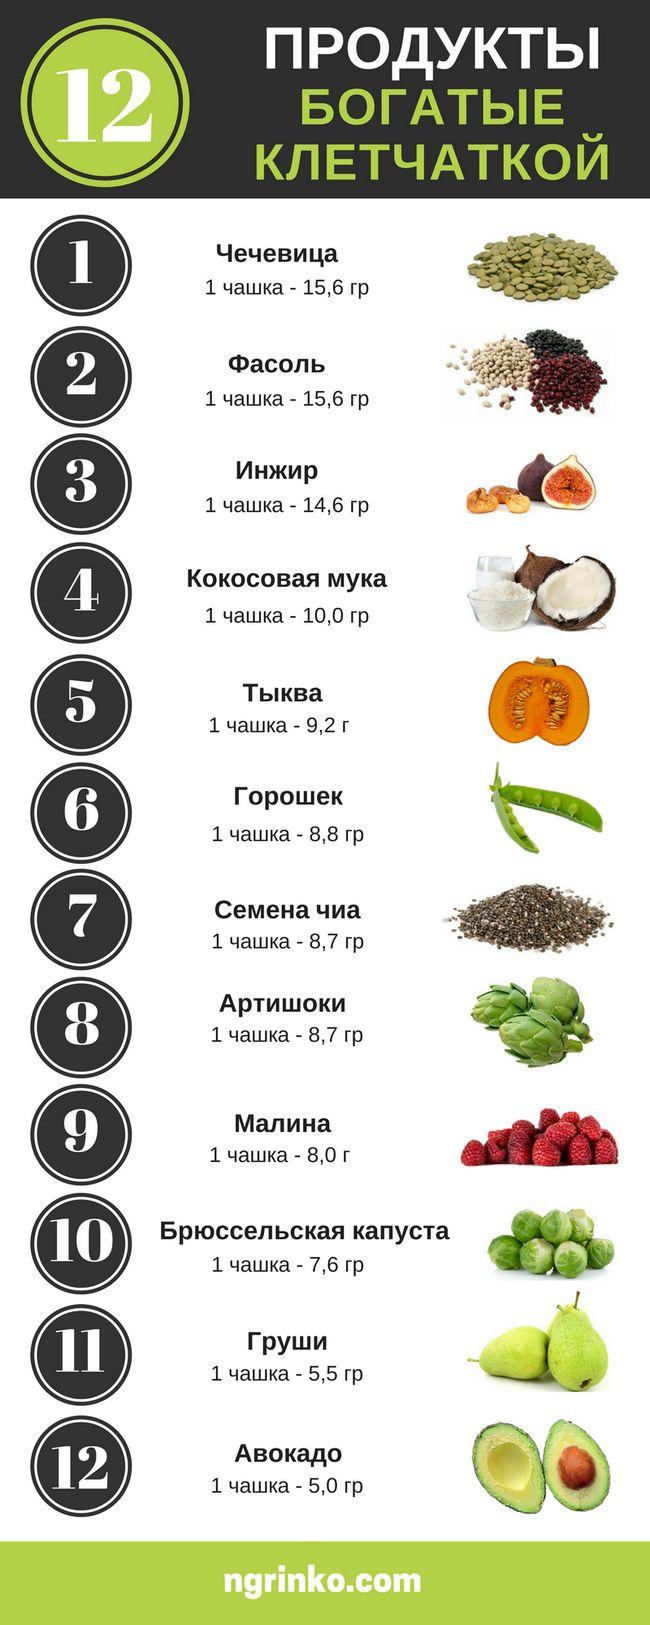 Клетчатка в продуктах: где содержится, роль в похудении, советы по употреблению от эксперта по питанию